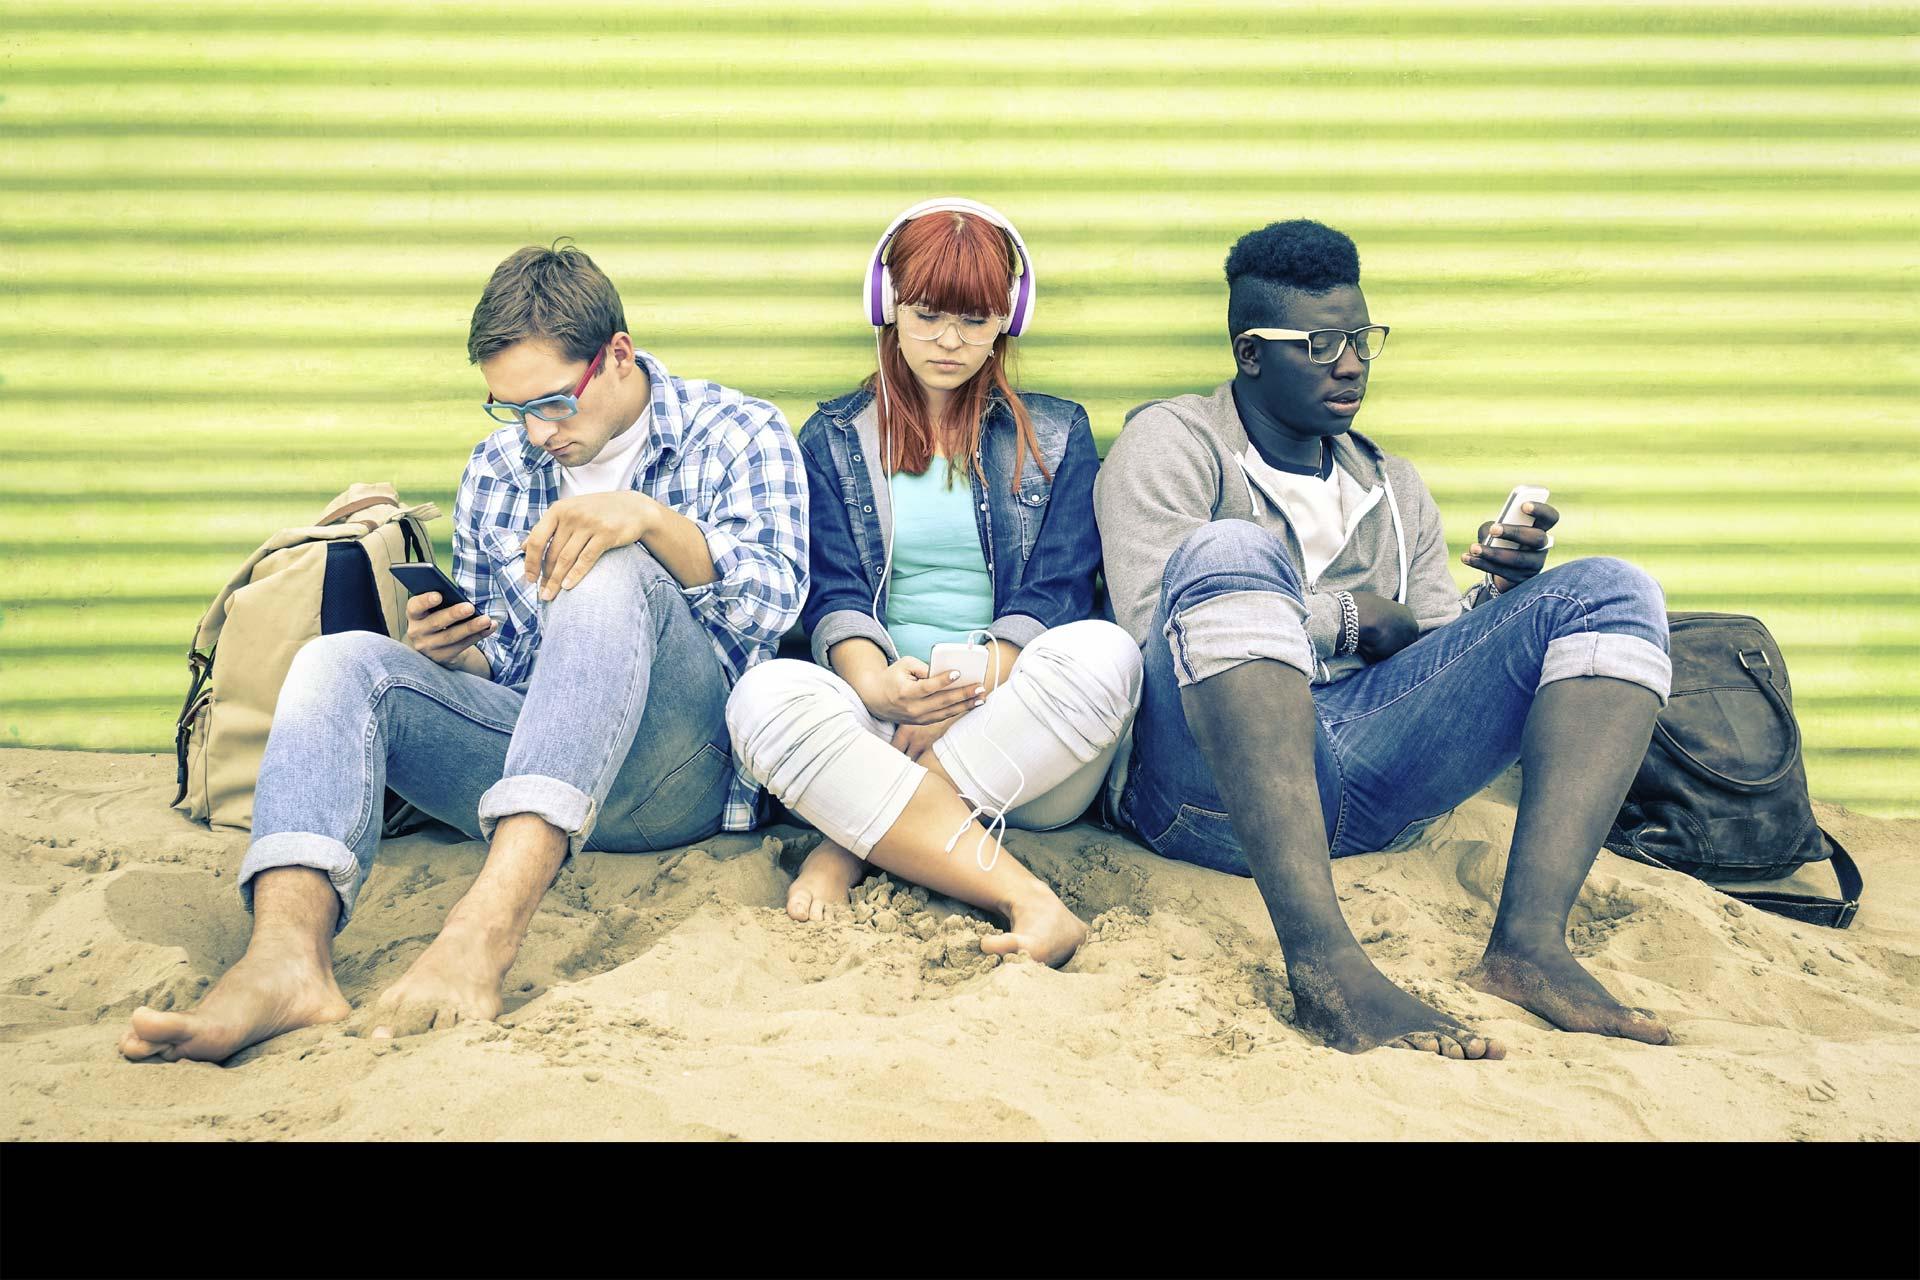 La era de los smartphones ha traído nuevos problemas de comunicación. También, ha desarrollado los ya existentes